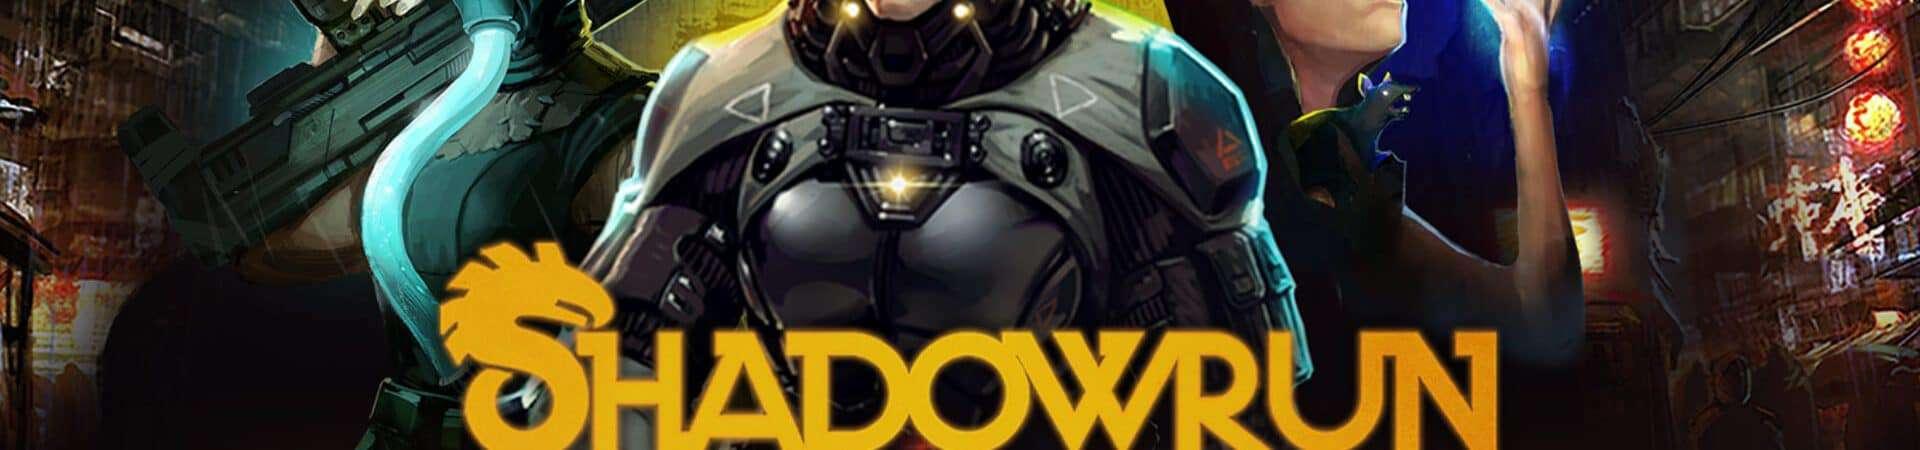 Trilogia de 'Shadowrun' está gratuita para download na GOG; veja como resgatar. Imagem: FASA/Divulgação